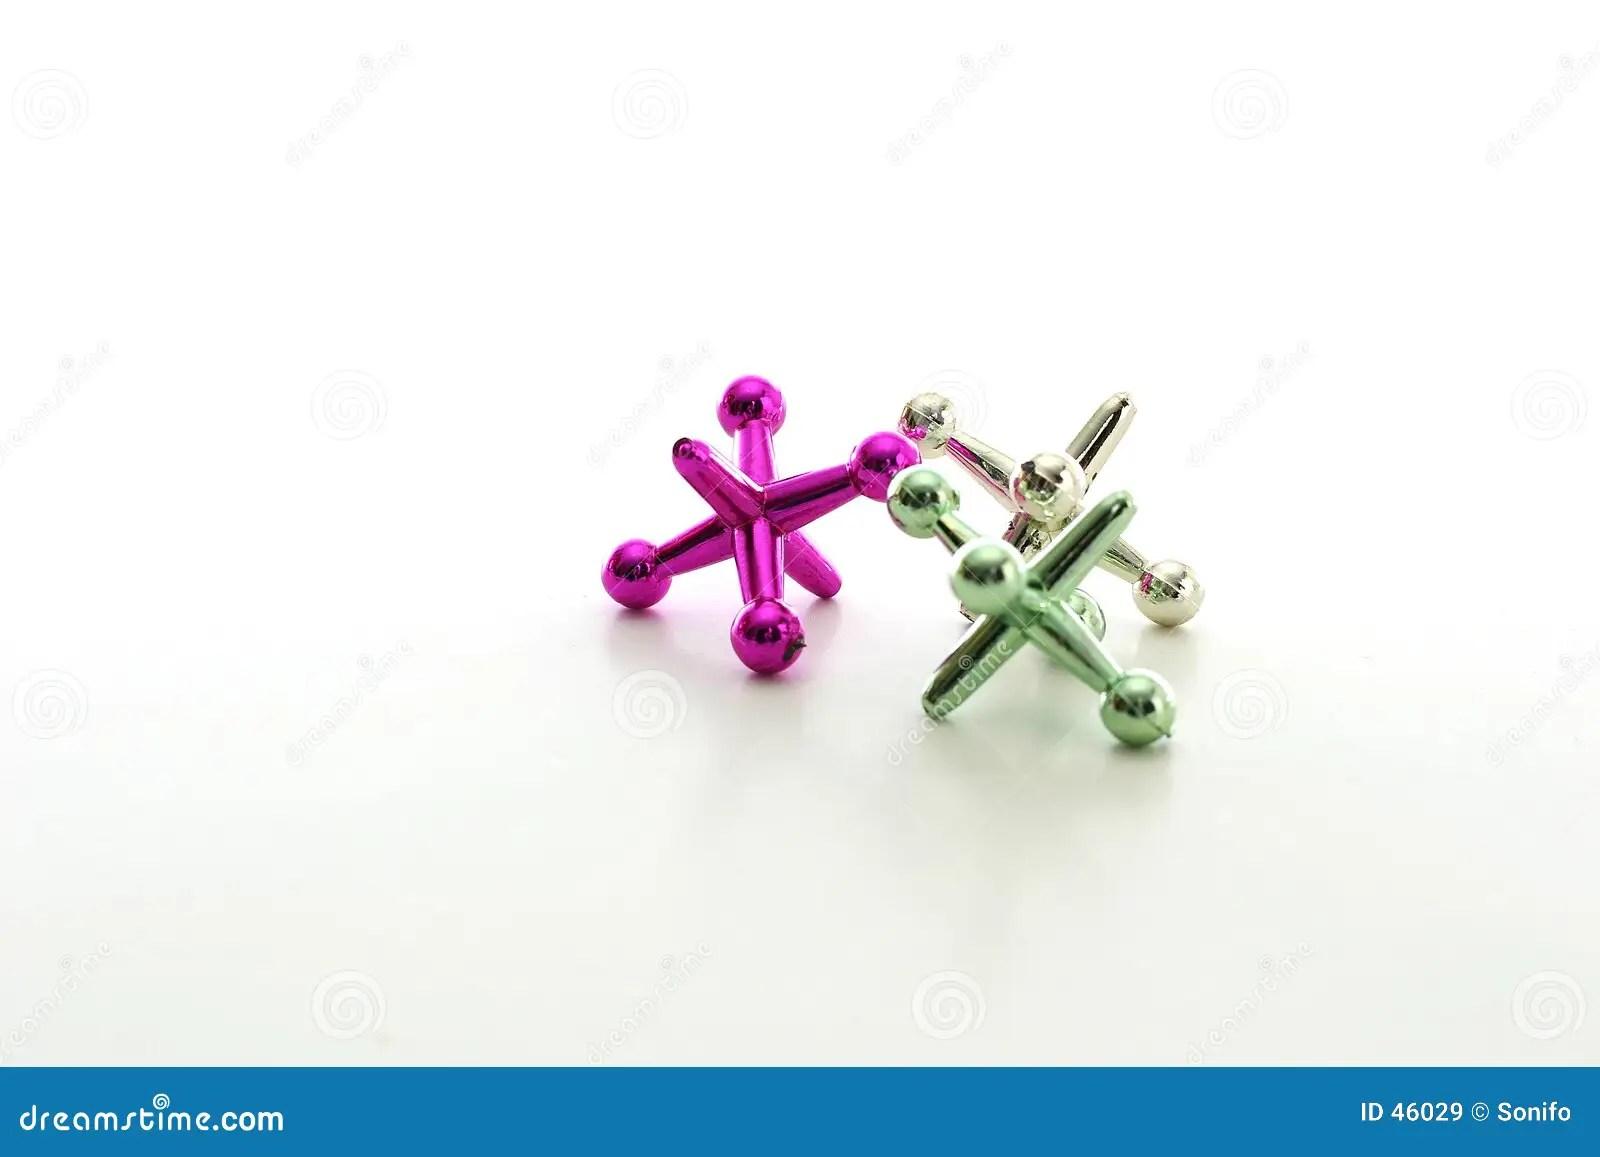 toy jacks stock image